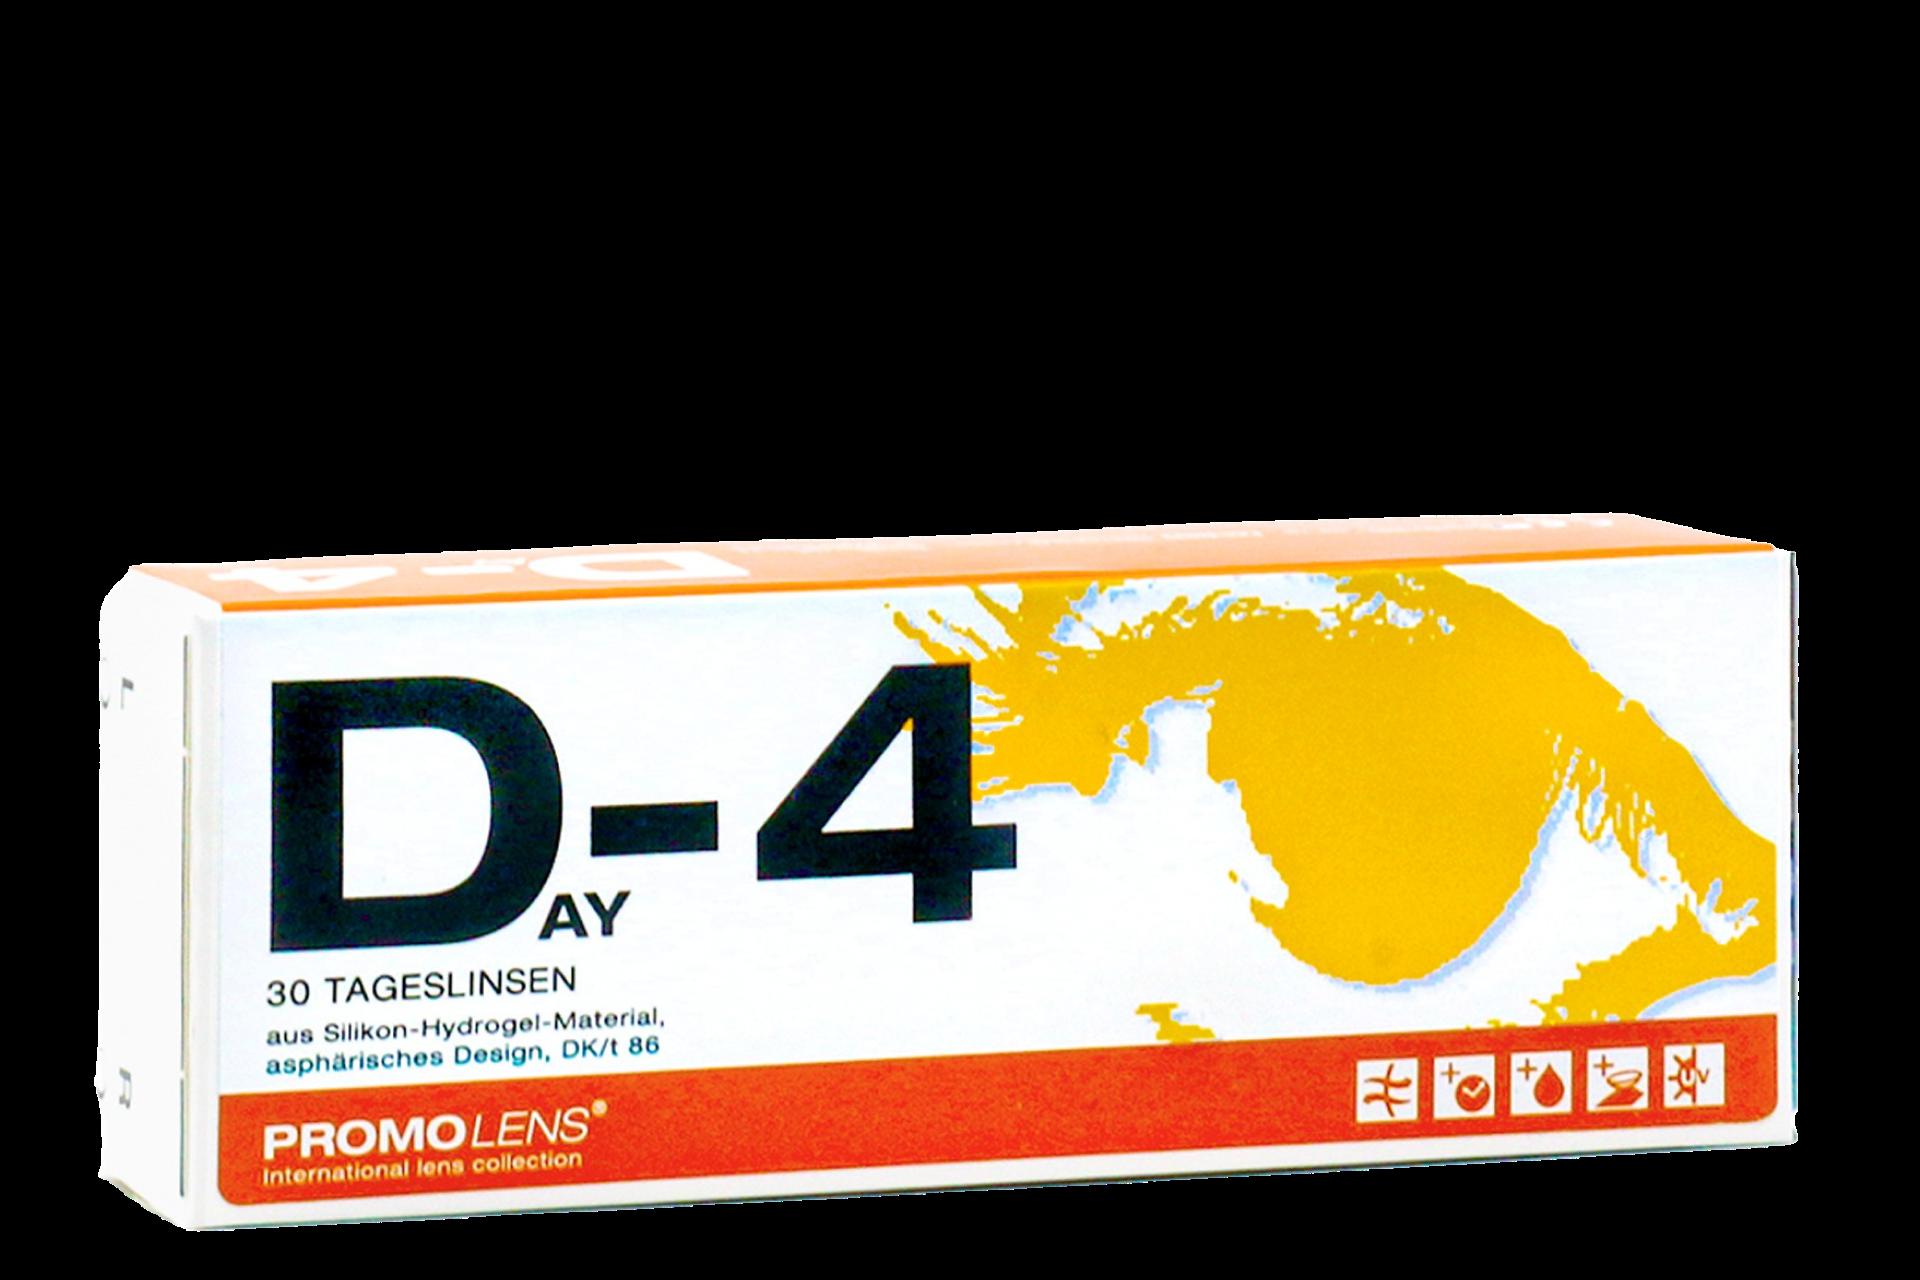 D-4 sph.